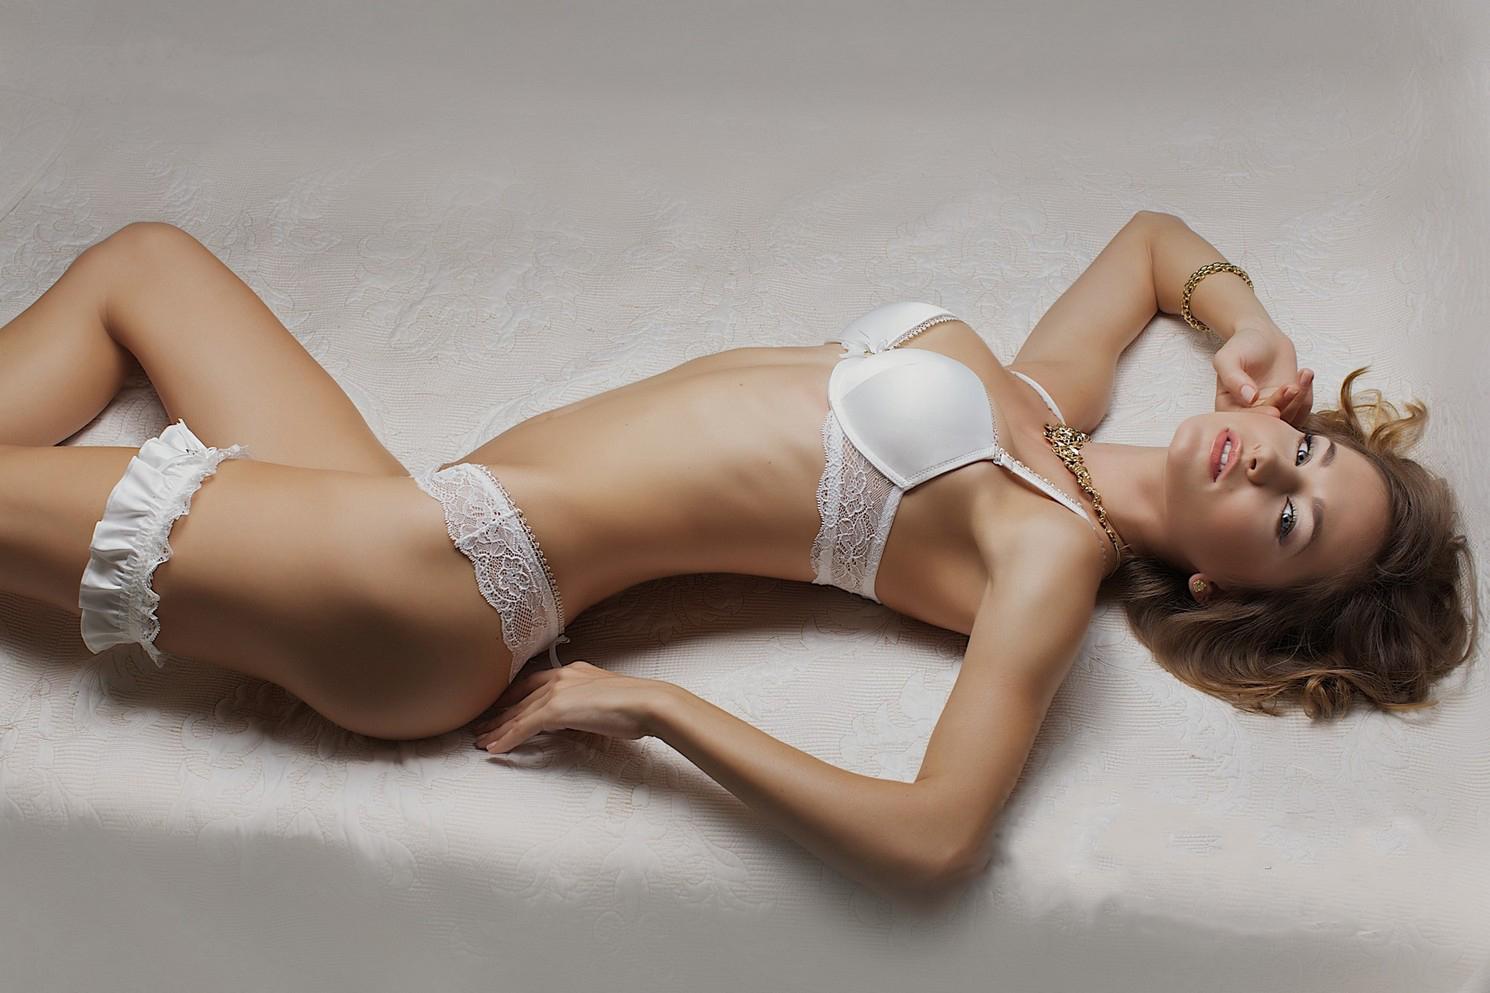 Нижнее женское белье оптом в казахстане аптечные массажеры для лица